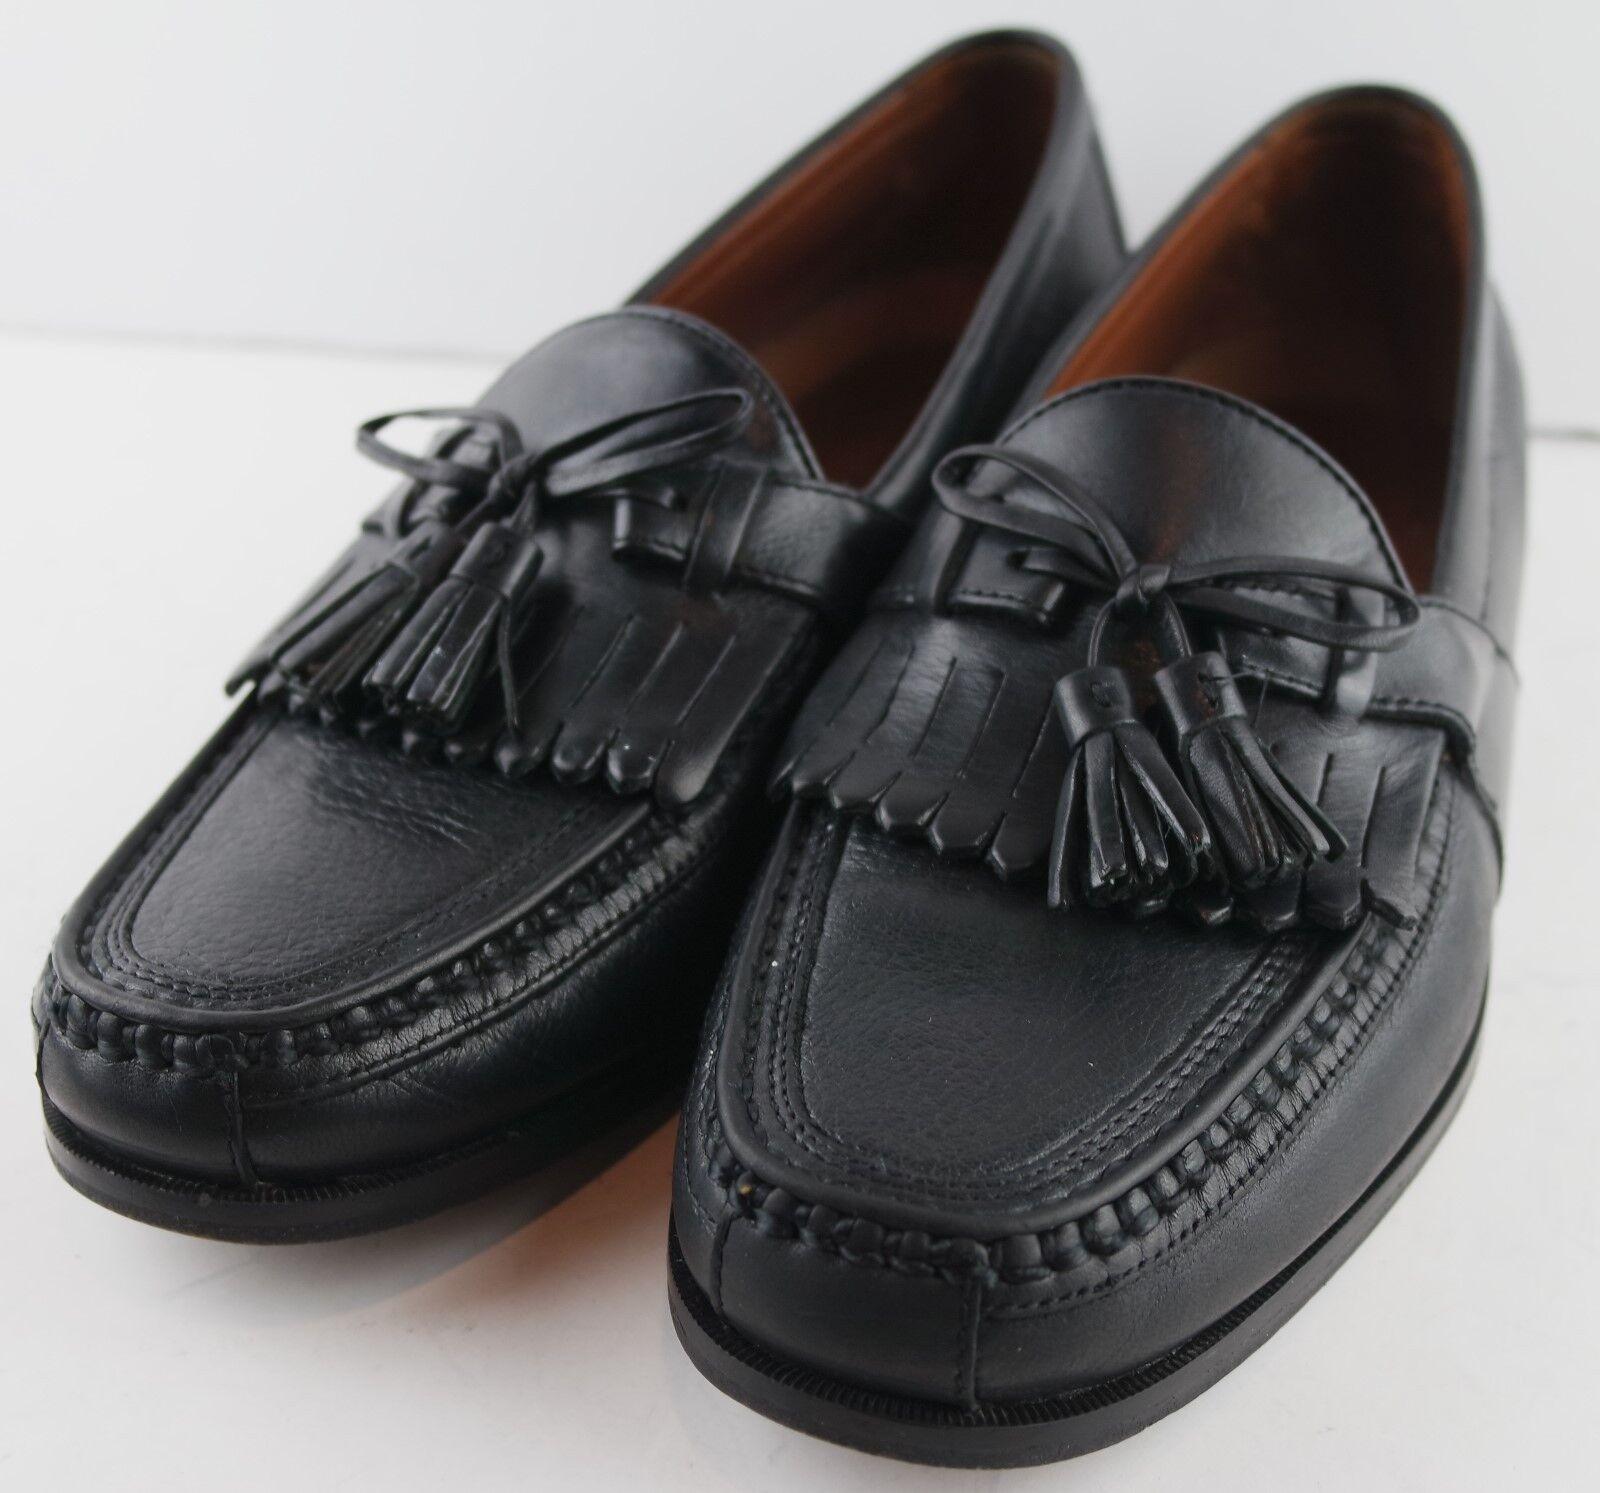 Johnston & Murphy Kiltie 020-0593 Mens Tassel Black Loafers Moc Toe Size 9M